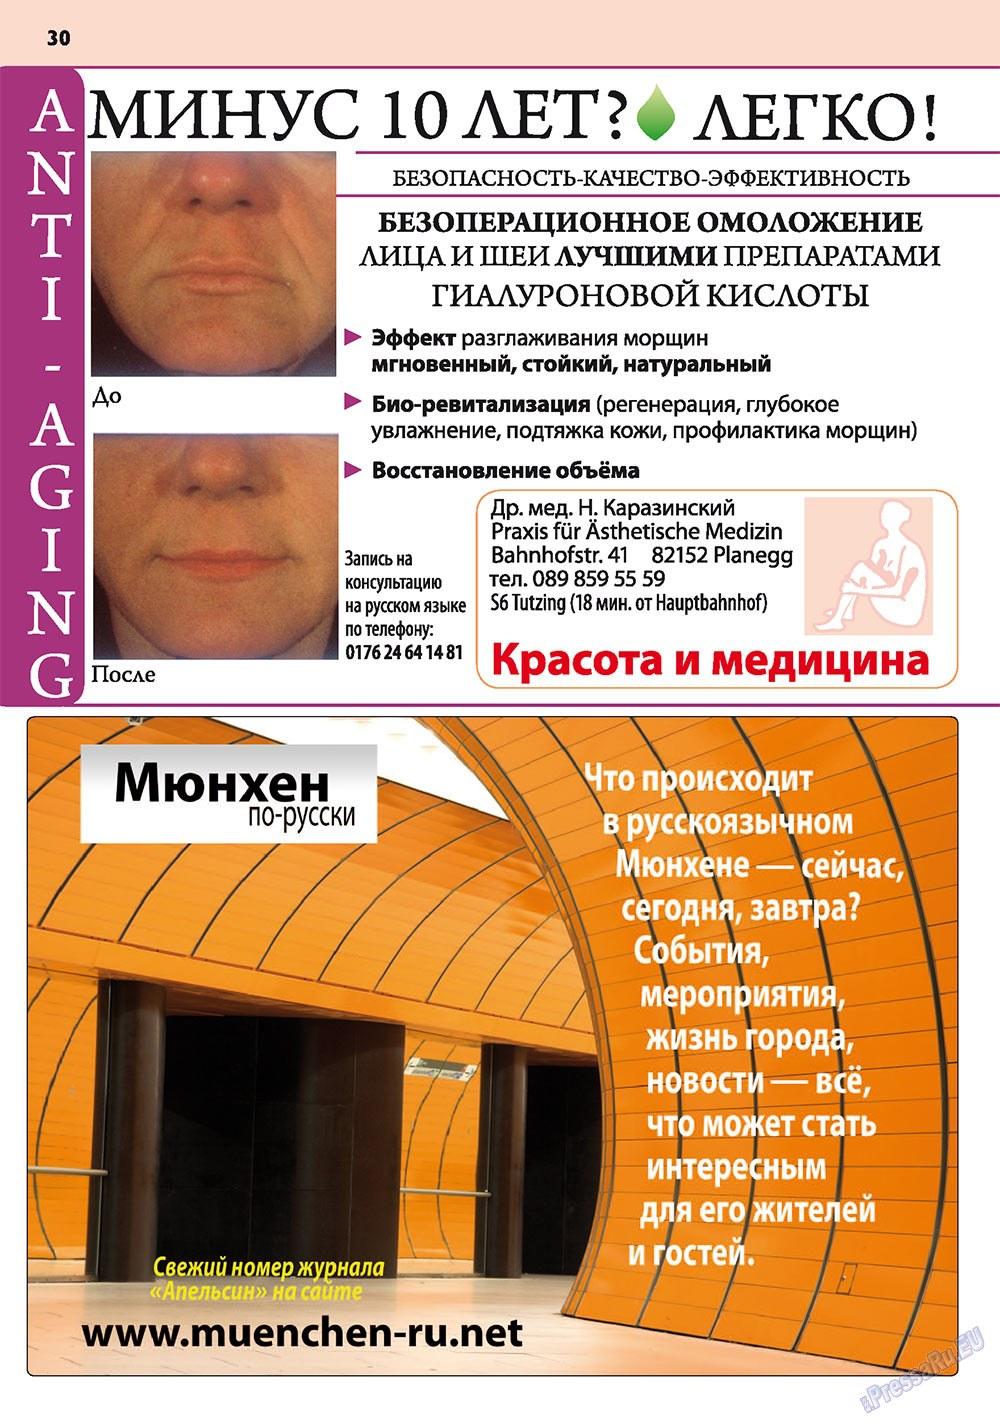 Апельсин (журнал). 2010 год, номер 10, стр. 30